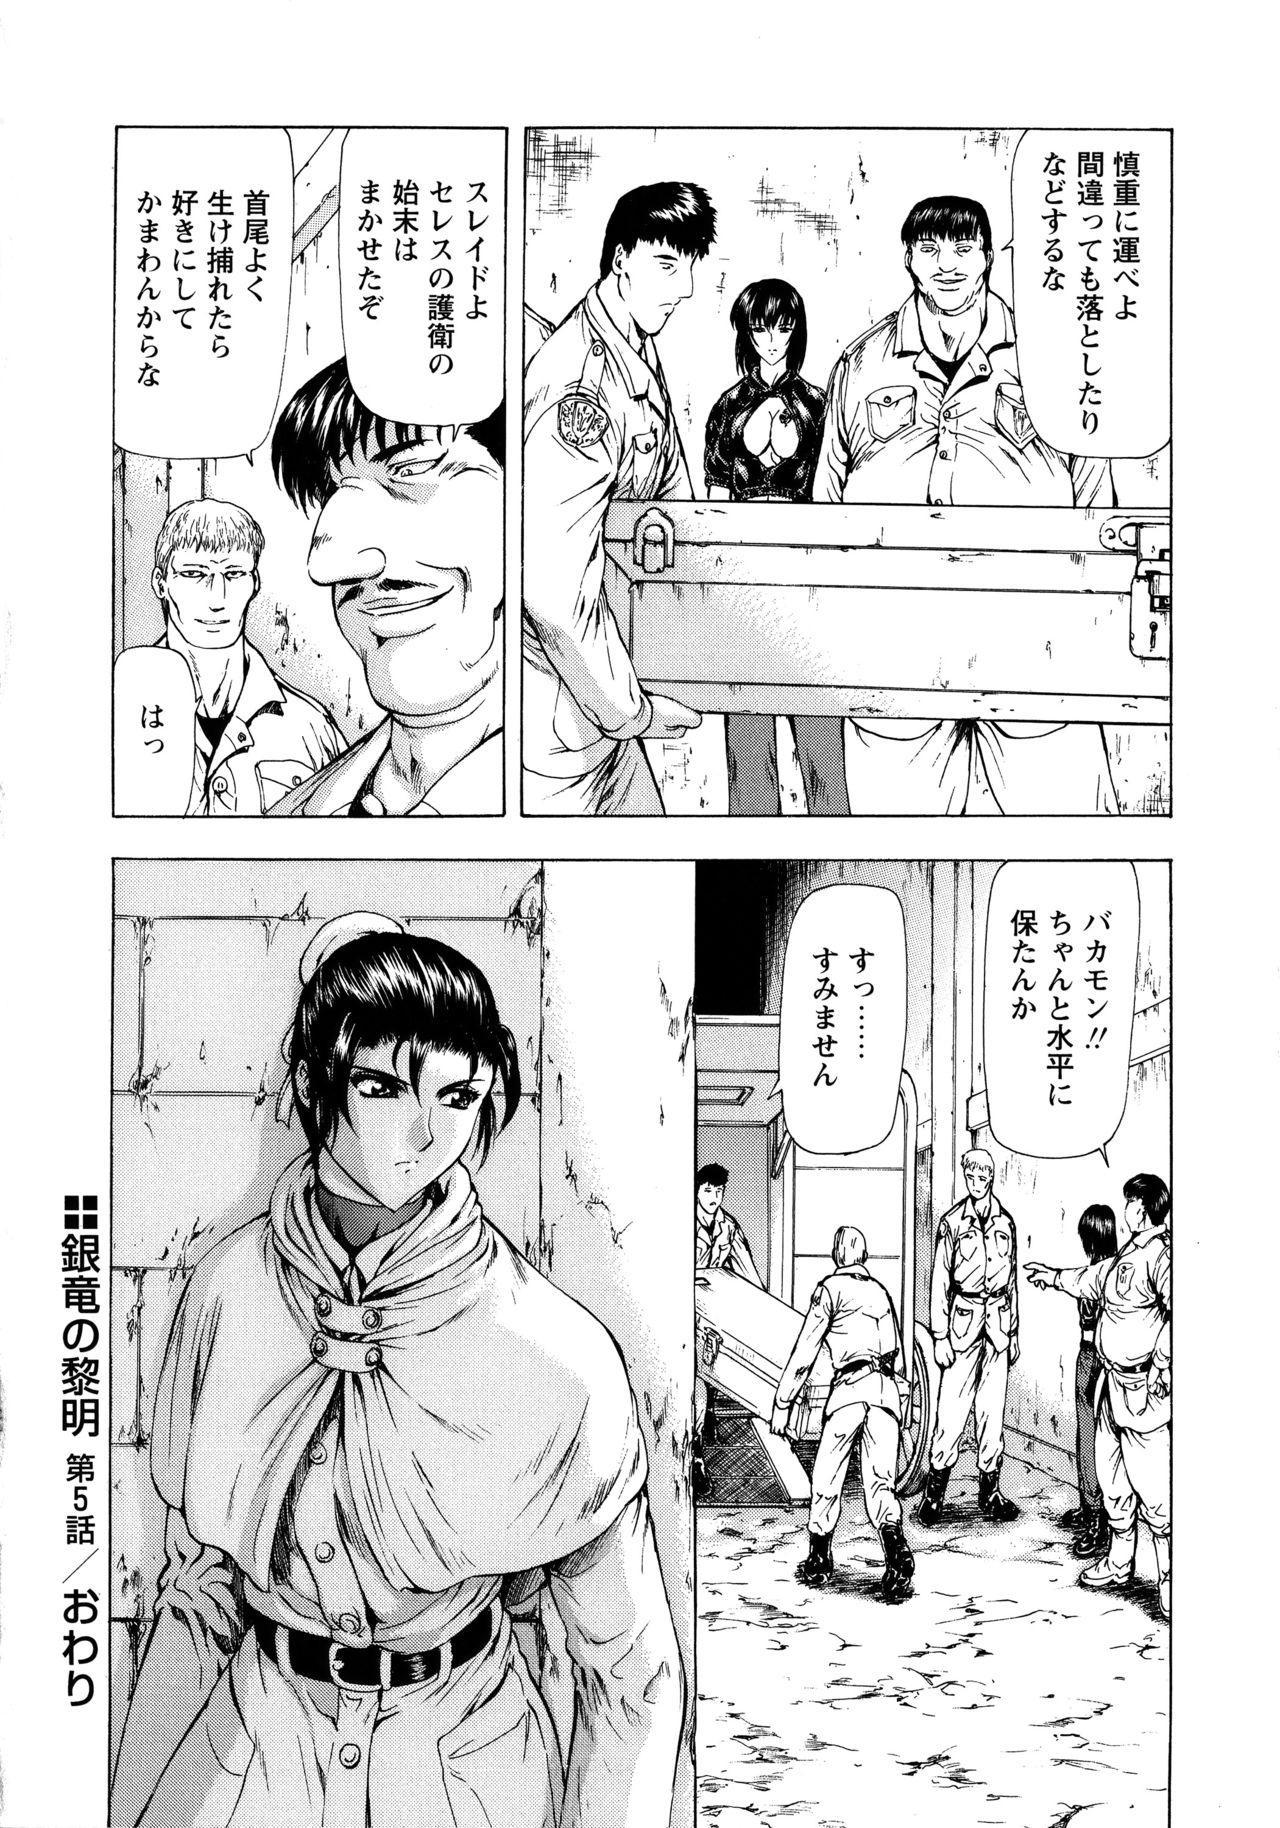 Ginryuu no Reimei Vol. 1 113